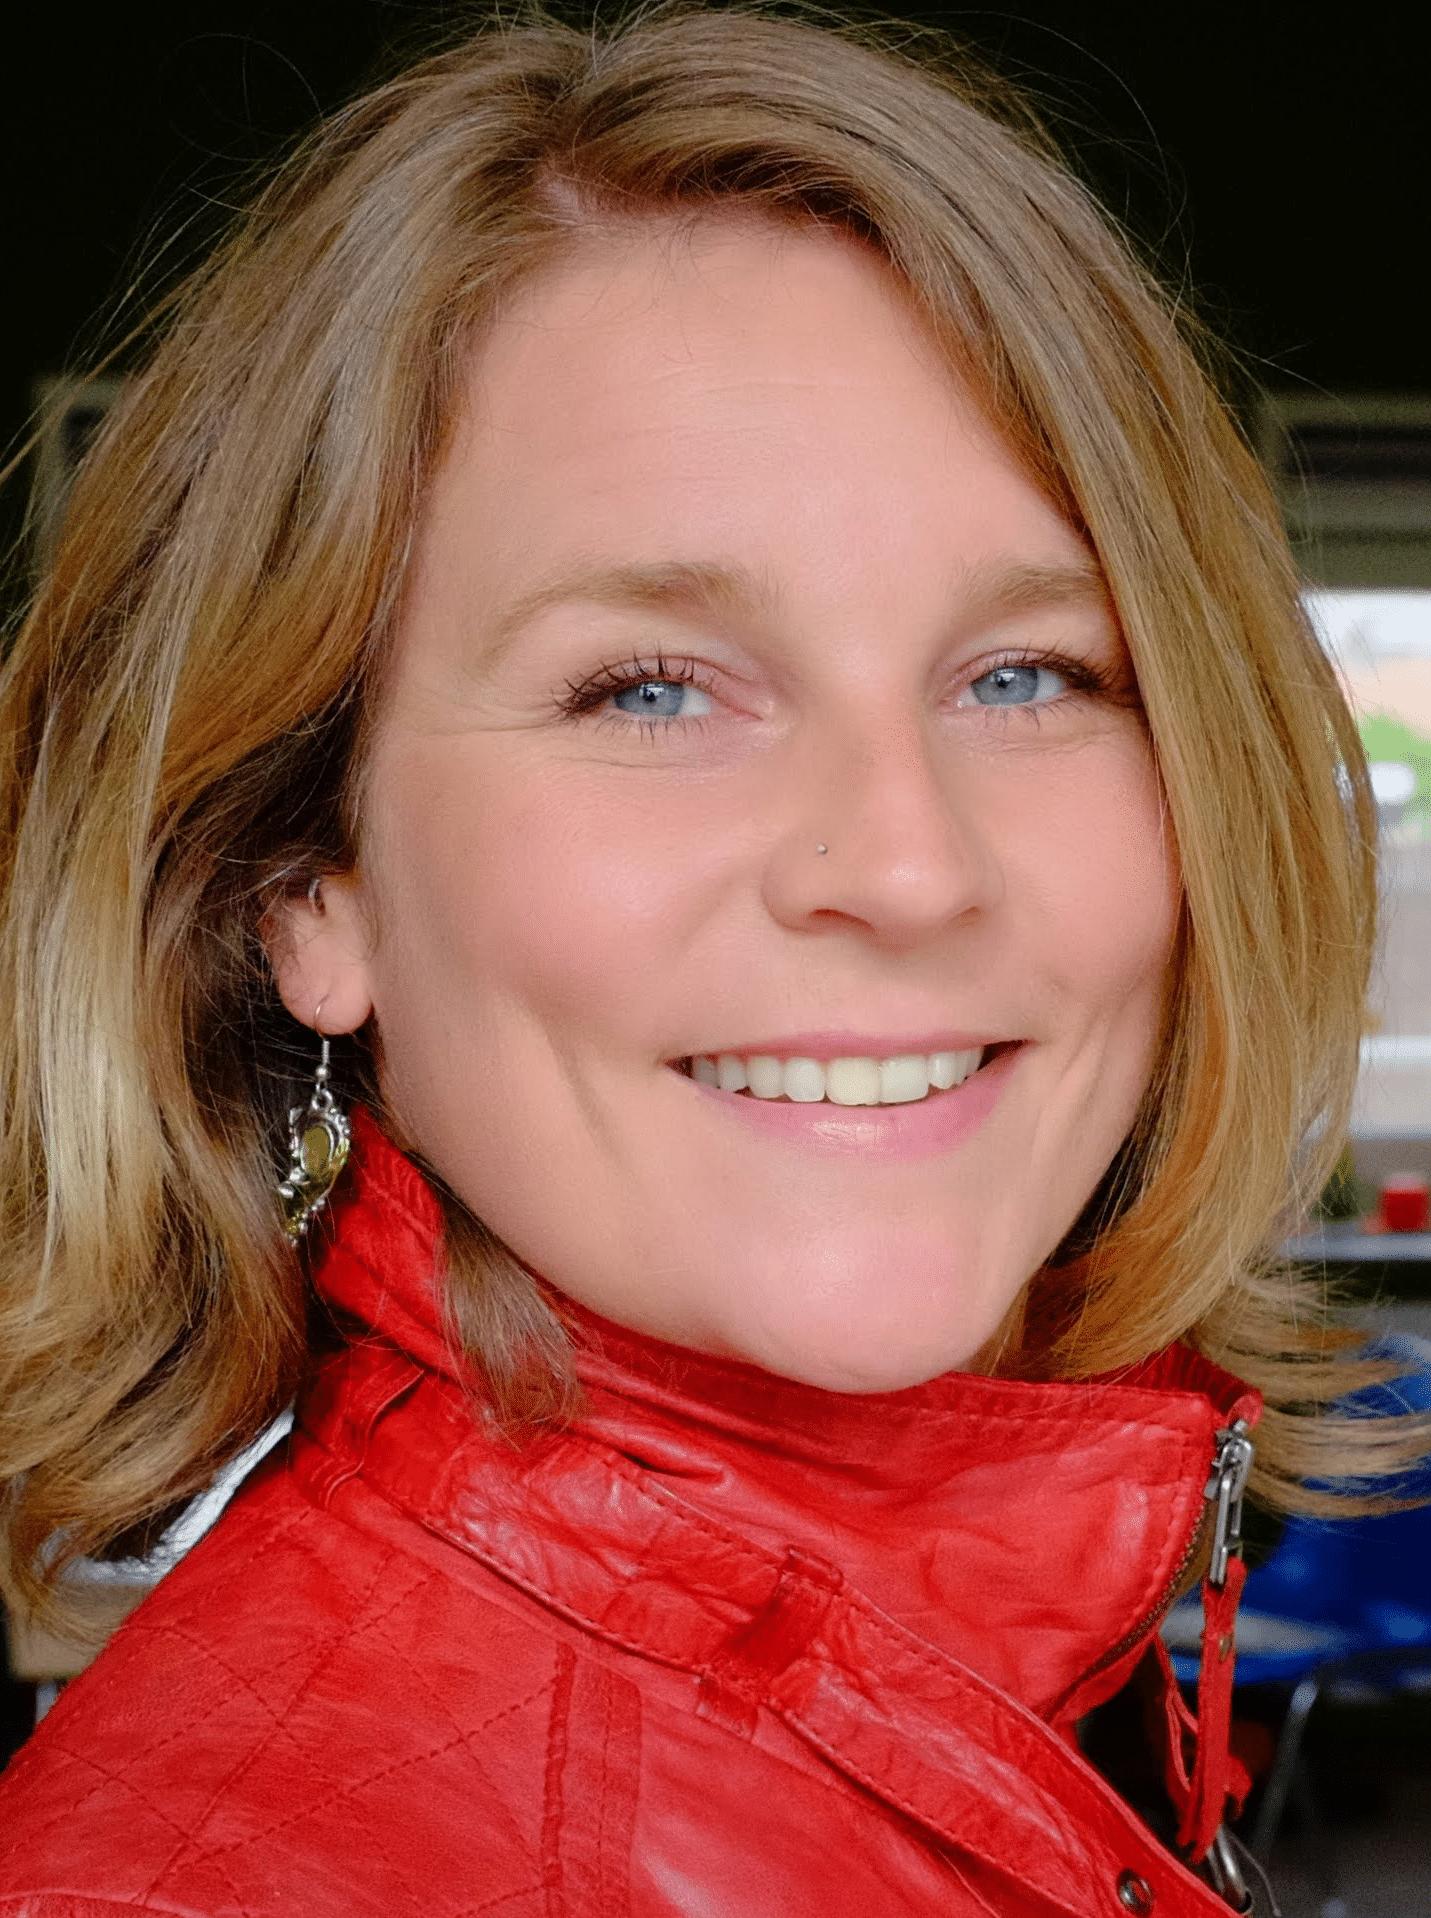 Sharon Becker